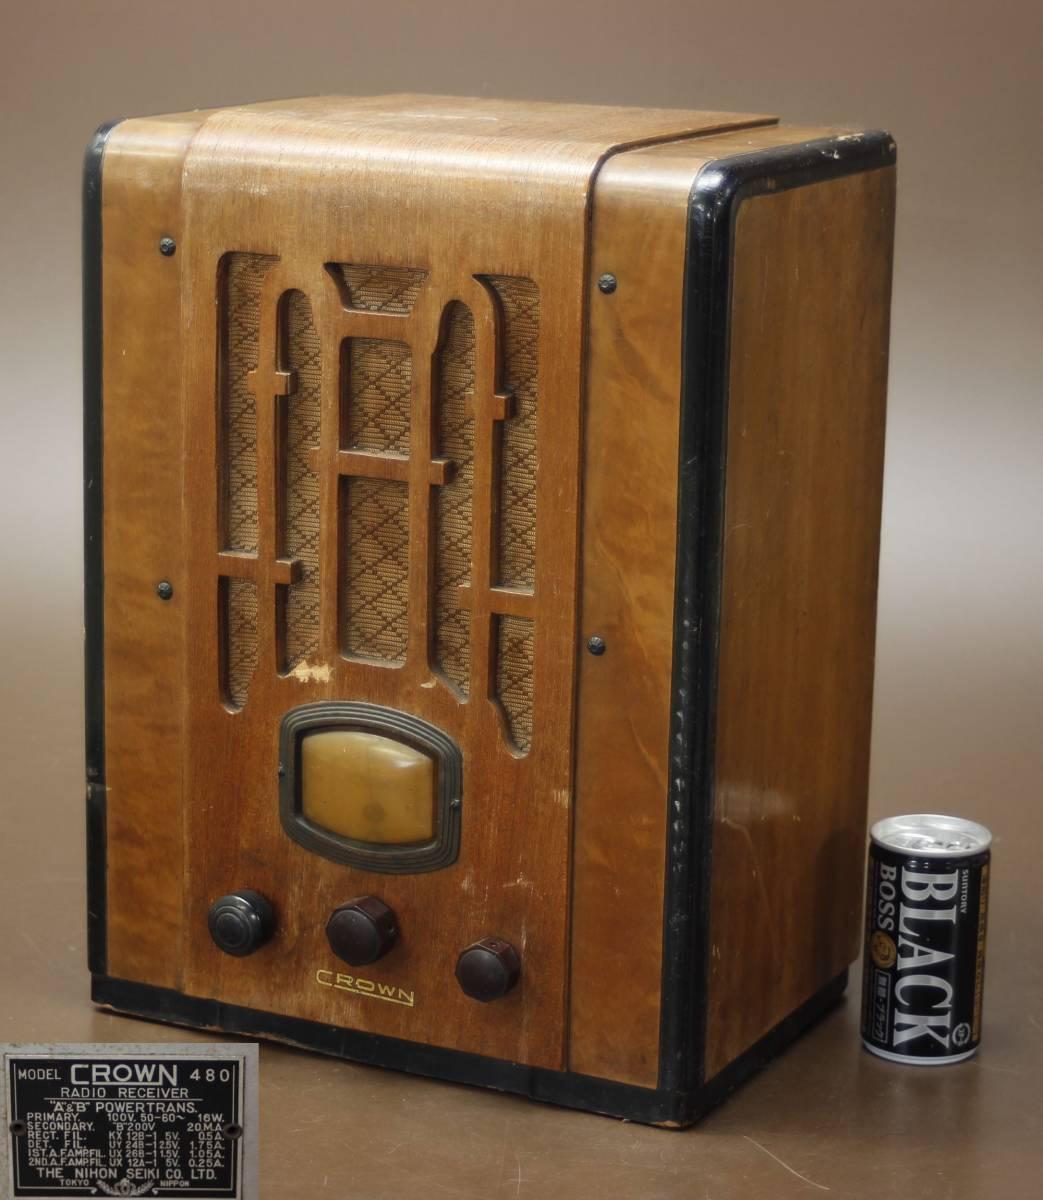 CROWN 480 古い真空管ラジオ ジャンク クラウン